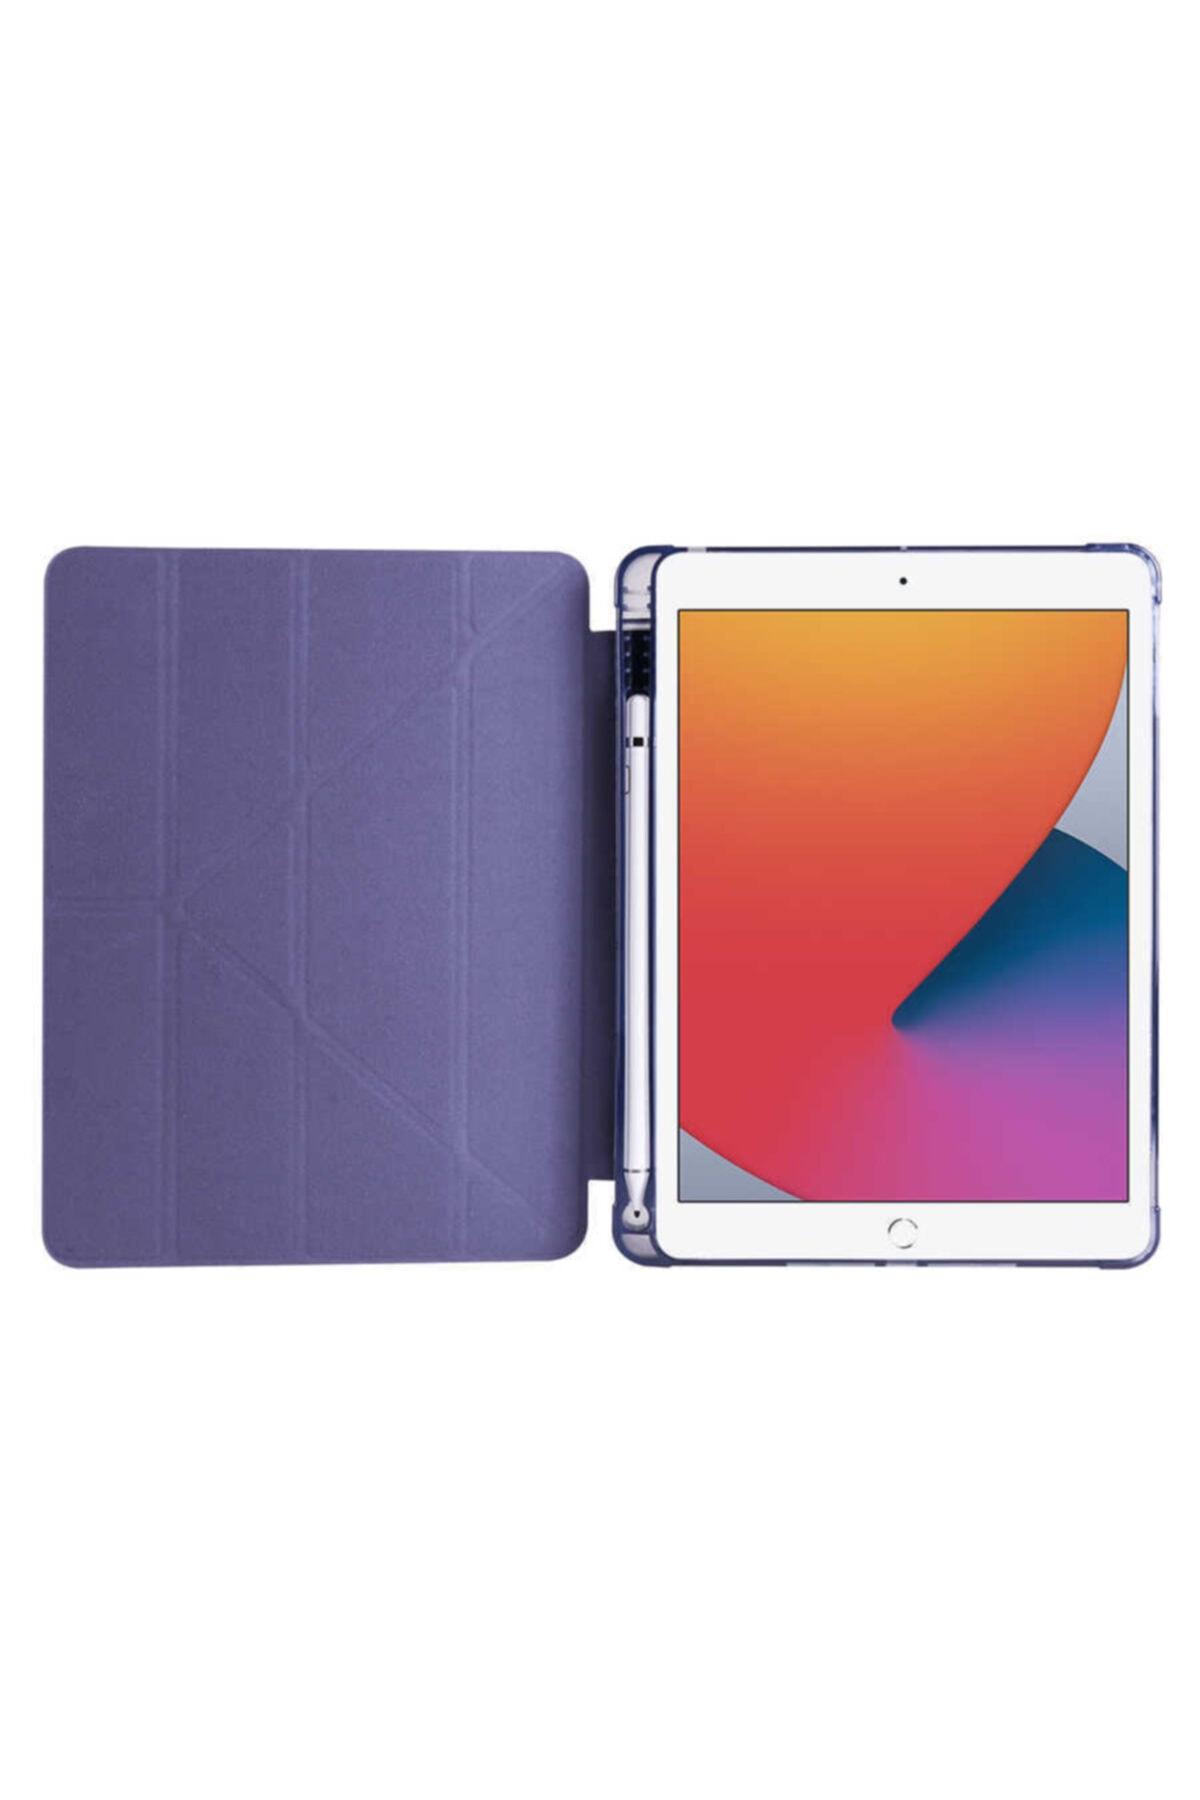 carına vannı Apple Ipad 9.7 2018 Uyumlu Mavi Kalem Bölmeli Katlanabilir Tablet Kılıfı,standlı Kılıf Pnd 2